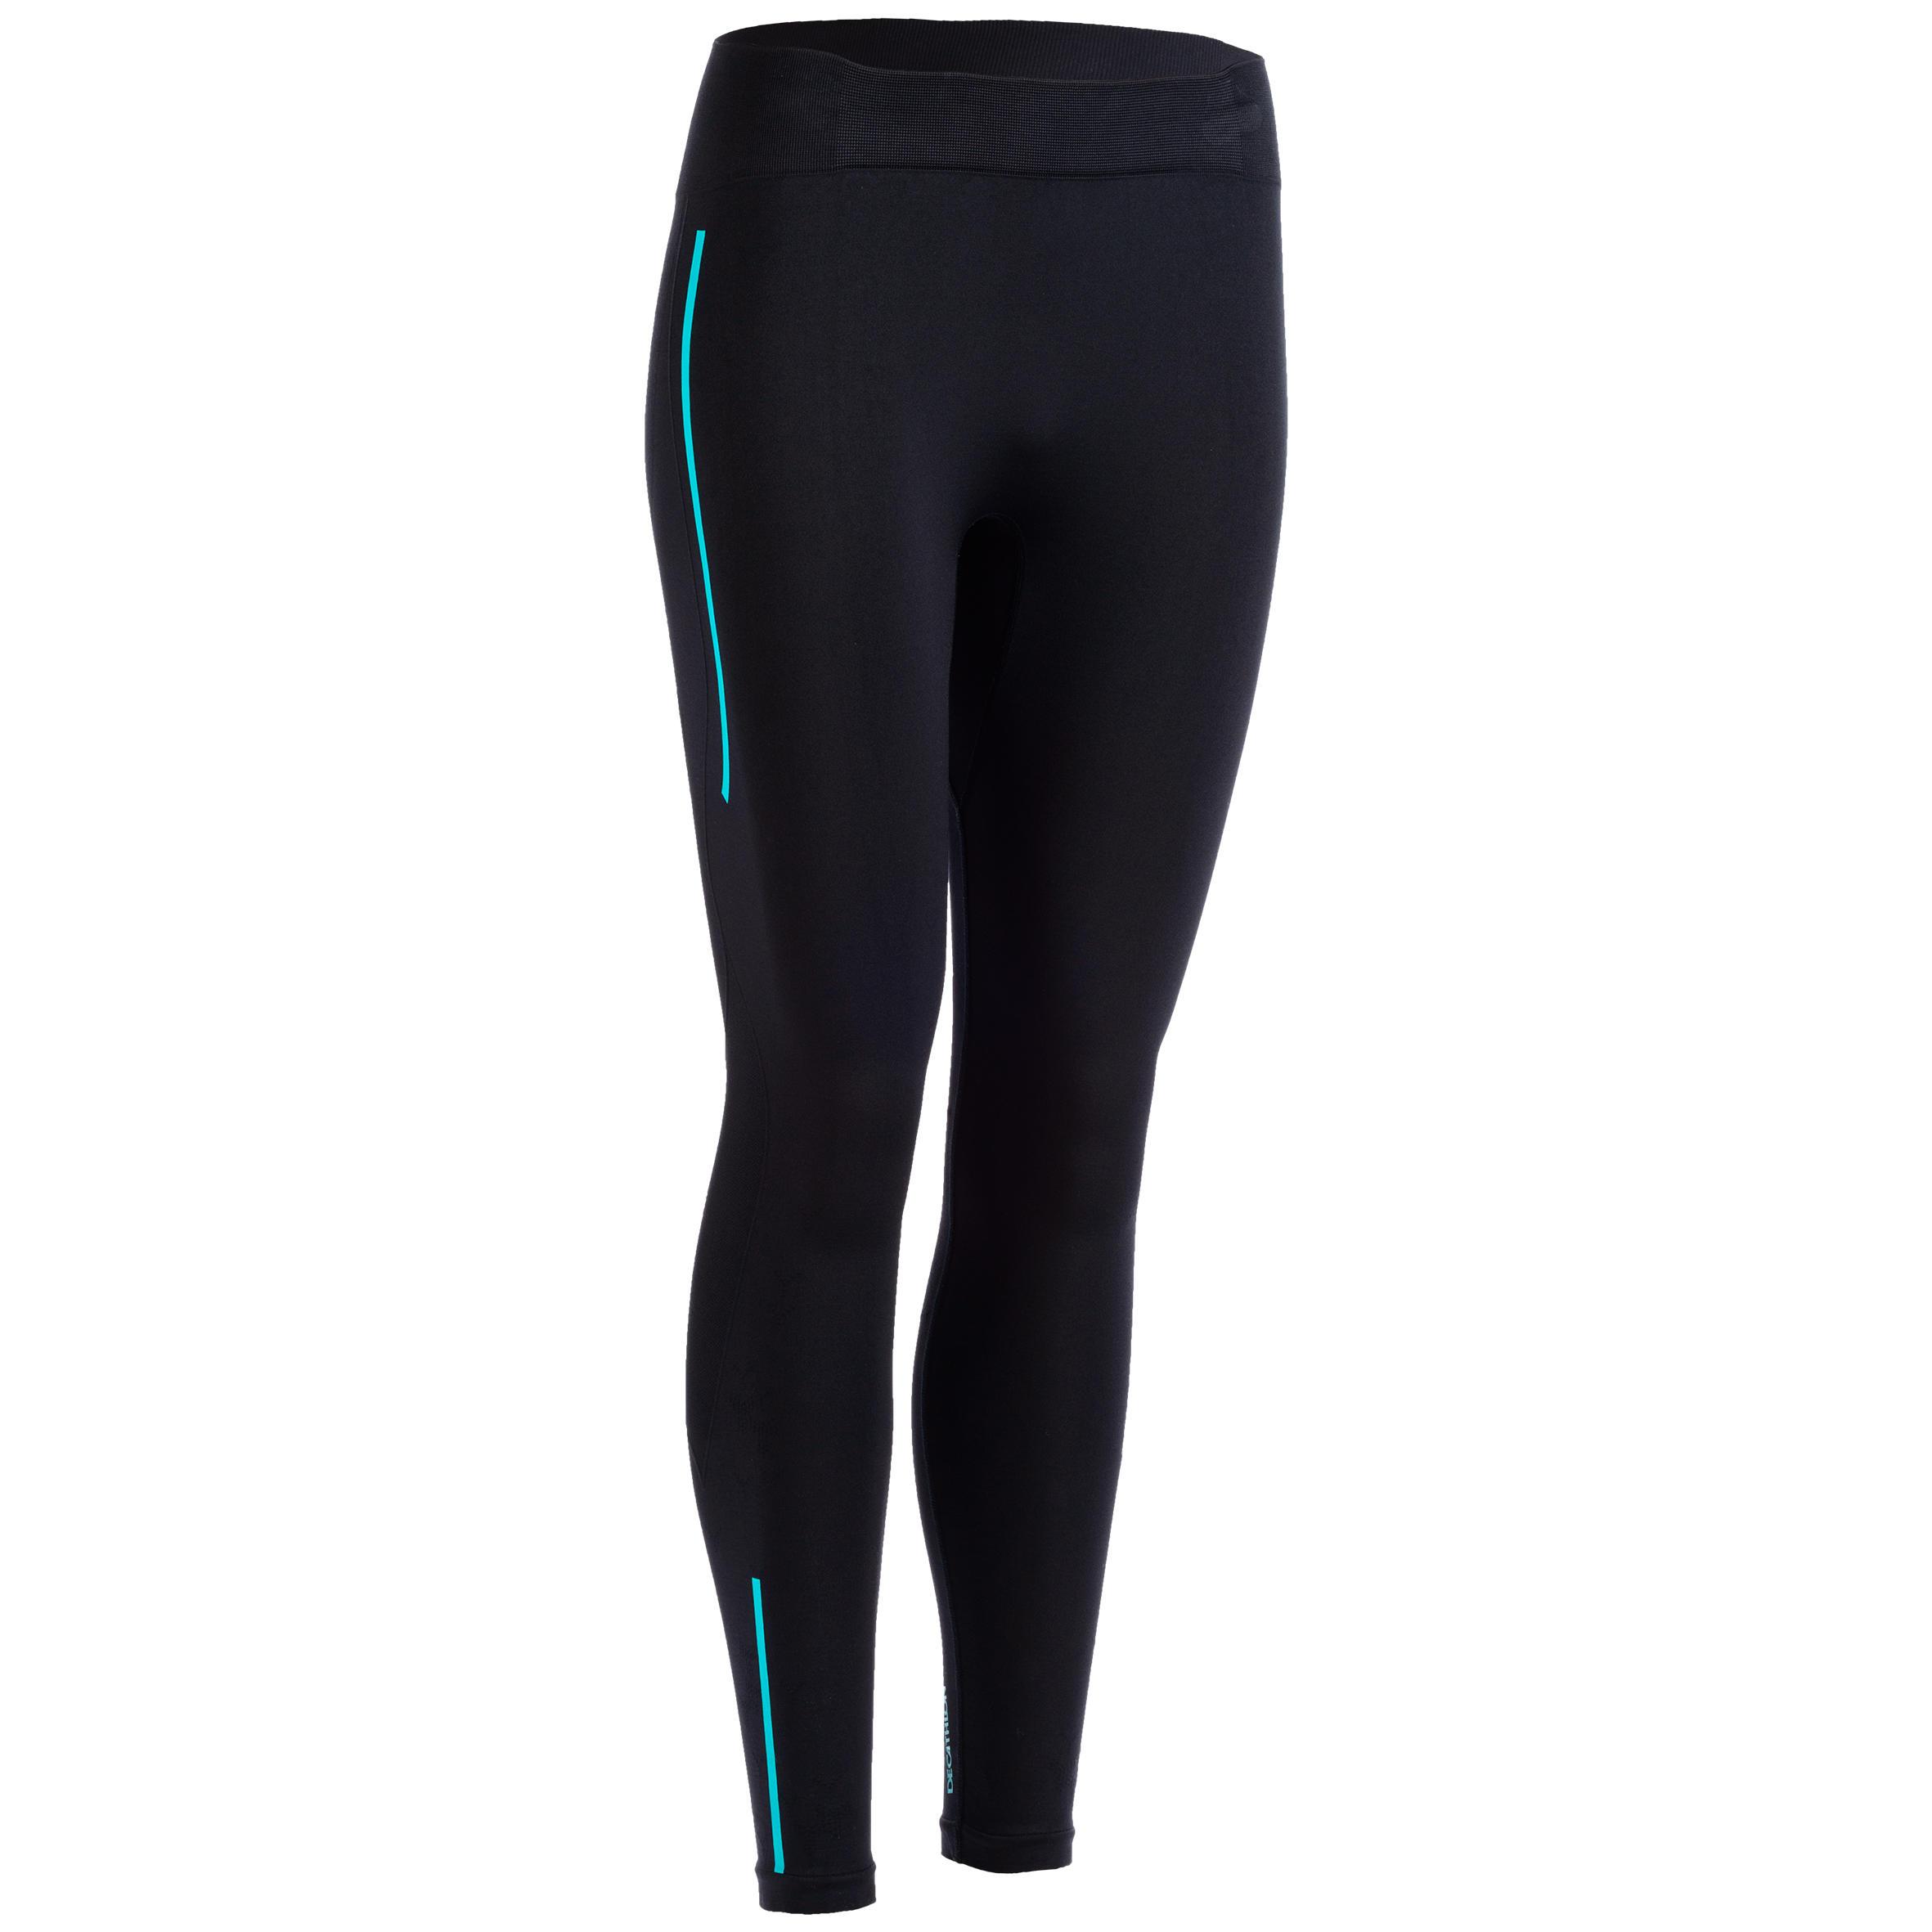 Domyos Legging crosstraining 500 voor dames, zwart/blauw kopen? Leest dit eerst: Fitness kleding Fitness legging met korting